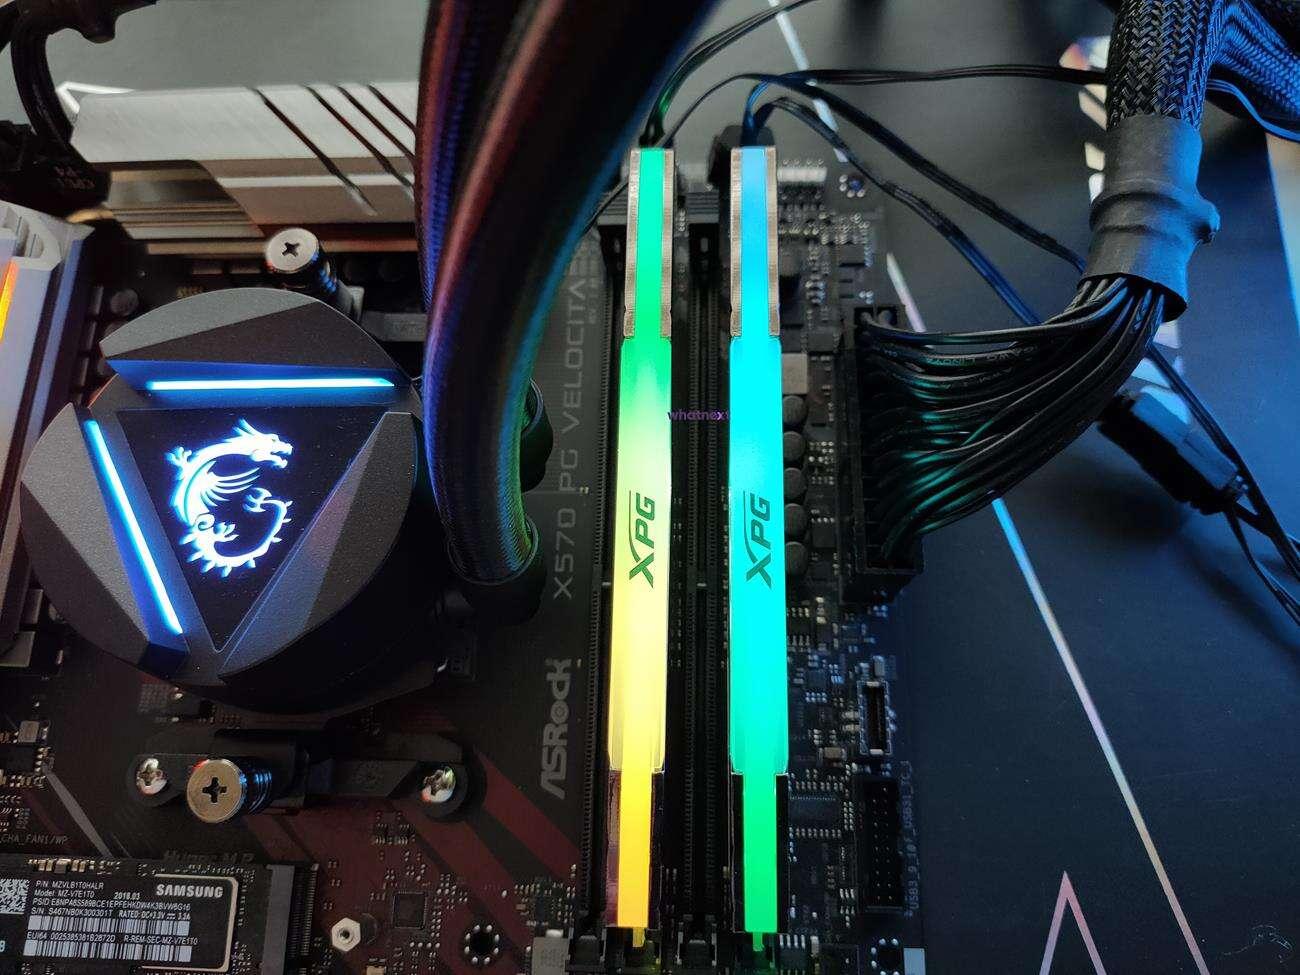 Test pamięci RAM Adata Spectrix D50 Xtreme 2x 8 GB 4800 MHz